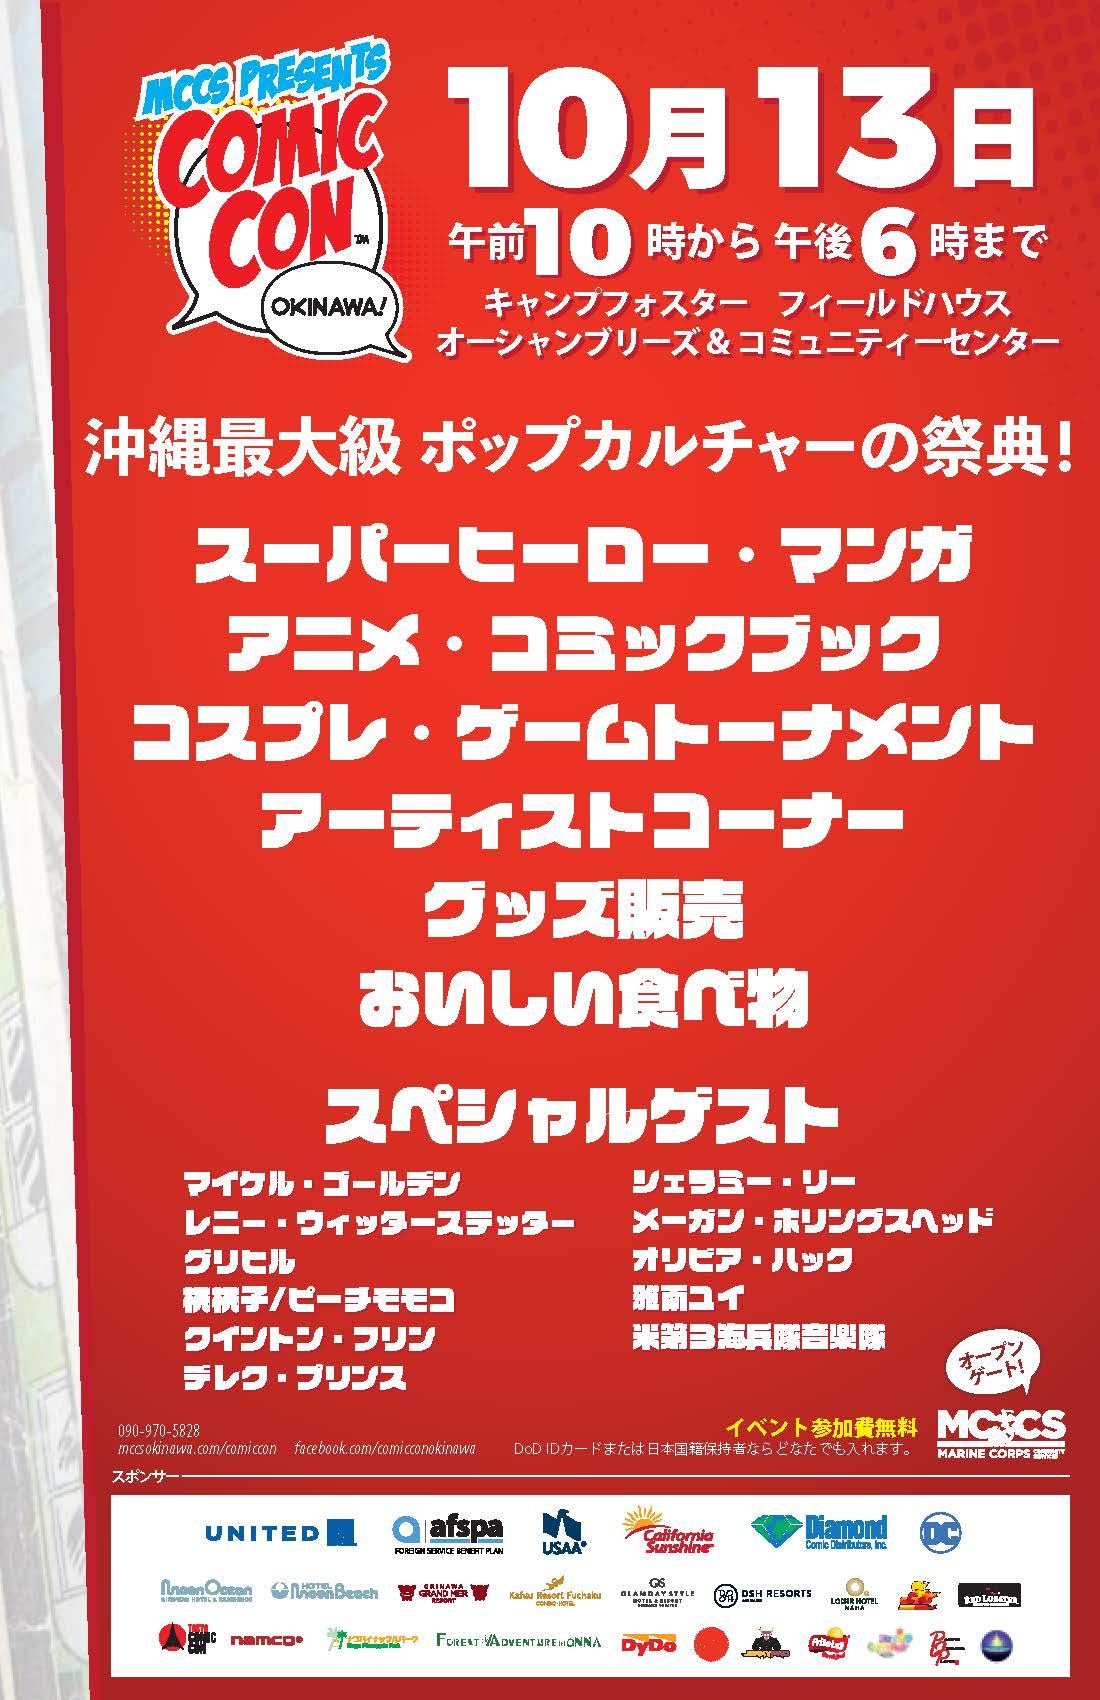 コミチャンで出ます!「コミコン沖縄2019」10月13日(日)!